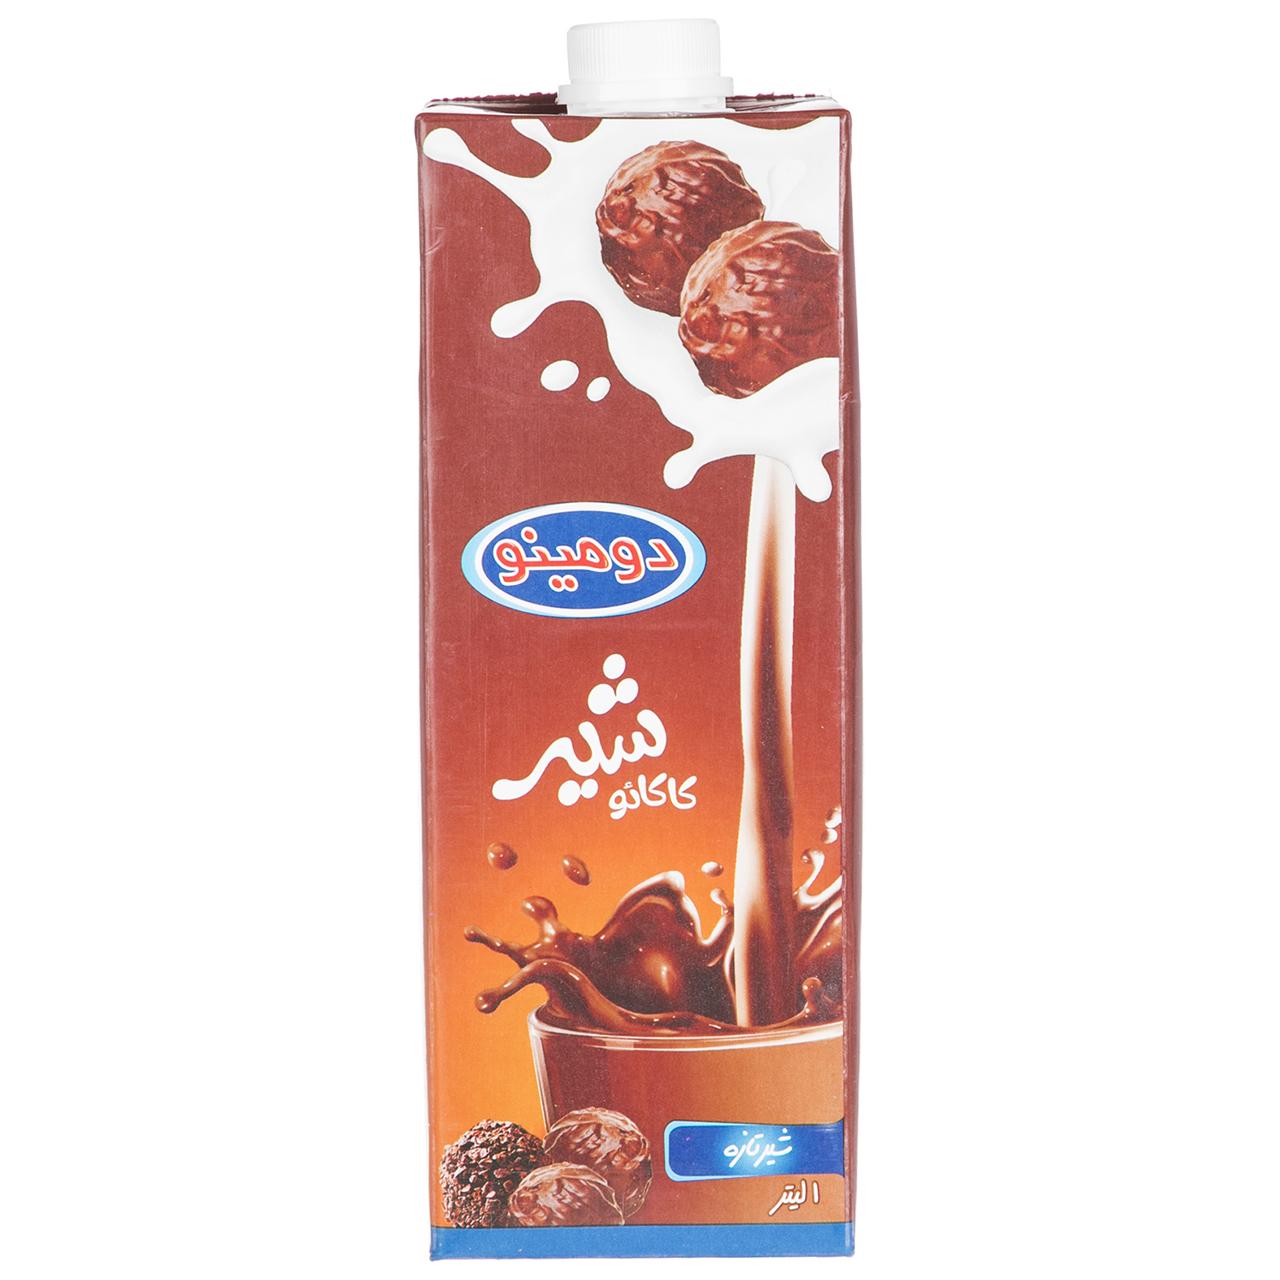 شیر کاکائو دومینو مقدار 1 لیتر